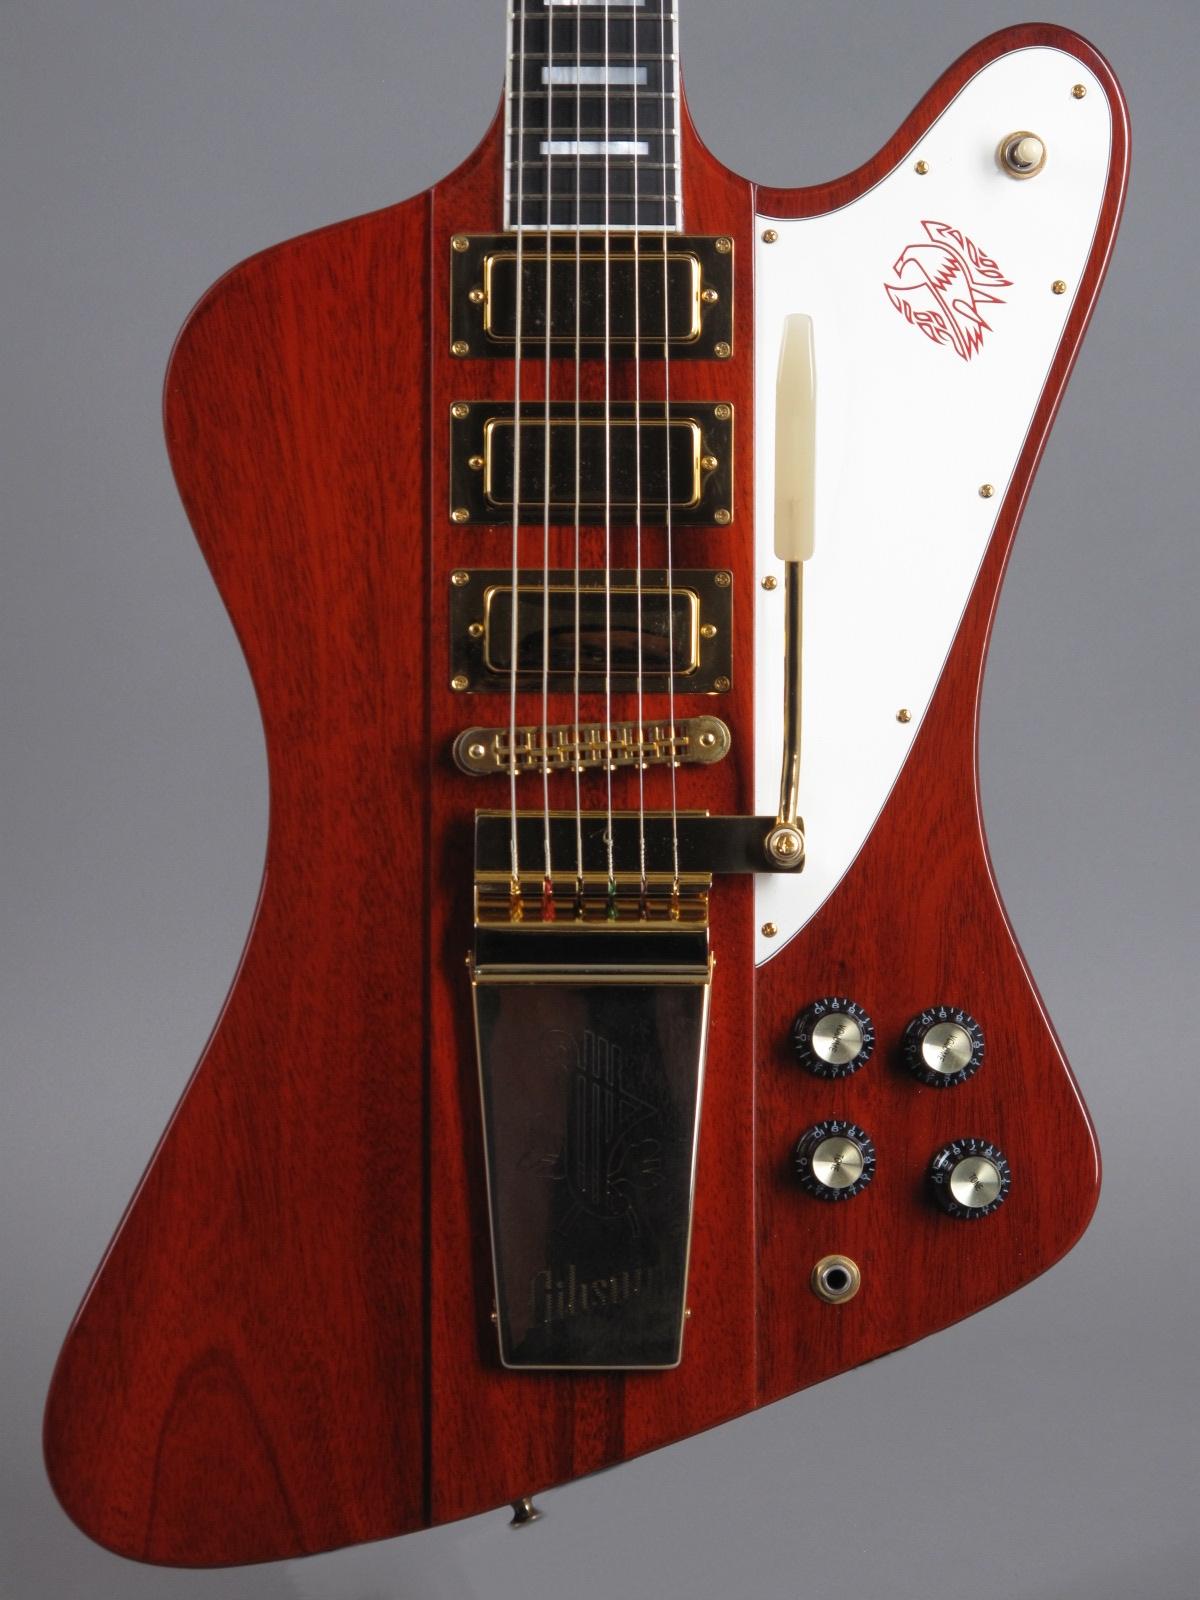 2008 Gibson Firebird VII - Cherry